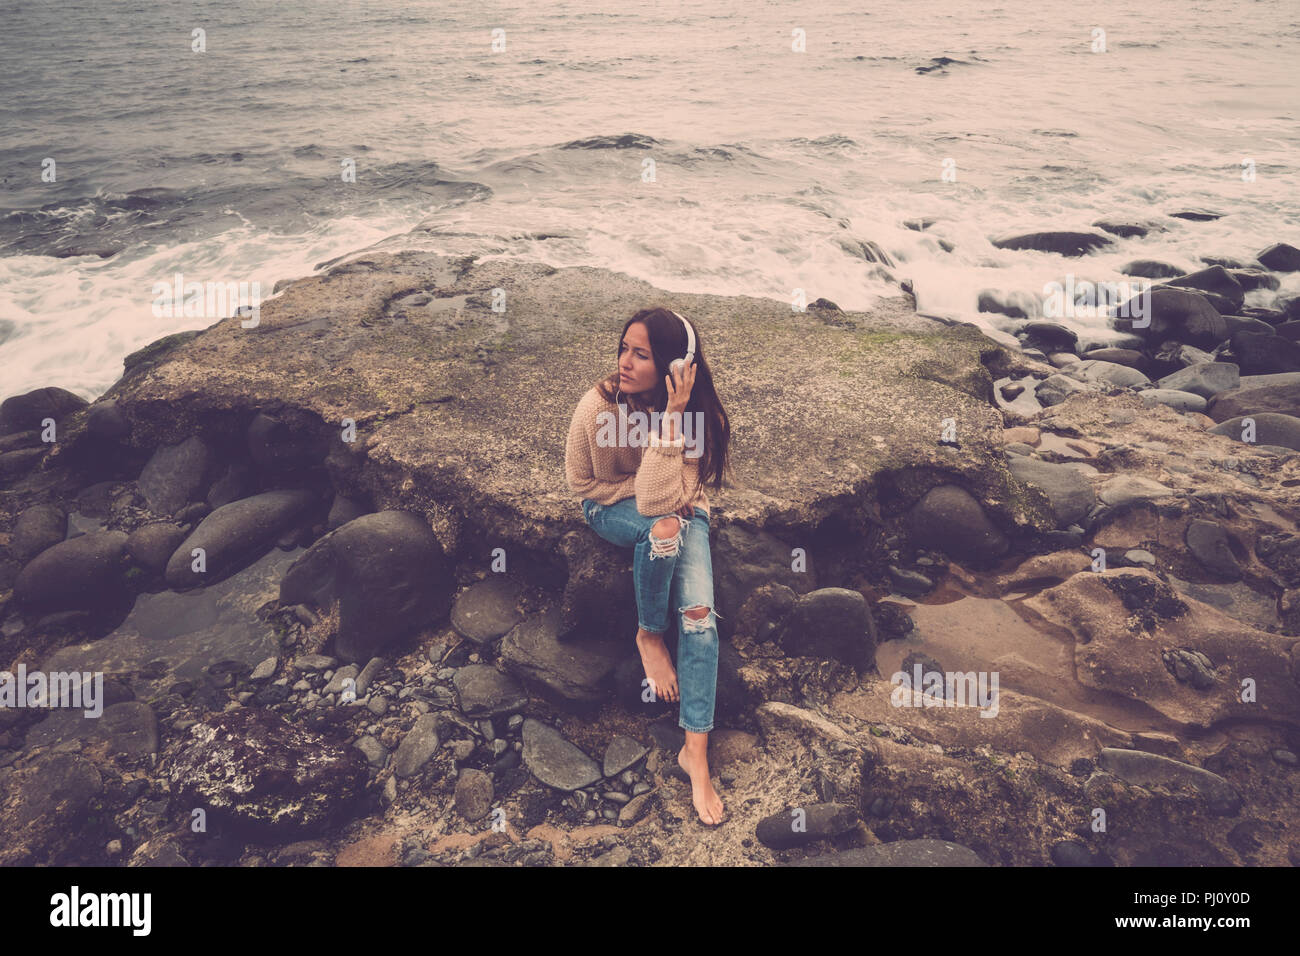 Einsame schöne junge Frau Musik hören und Entspannen mit Meditation und Konzentration sitzen auf einem Felsen mit Blick auf das Meer und den Horizont und niemand in Backgr Stockbild